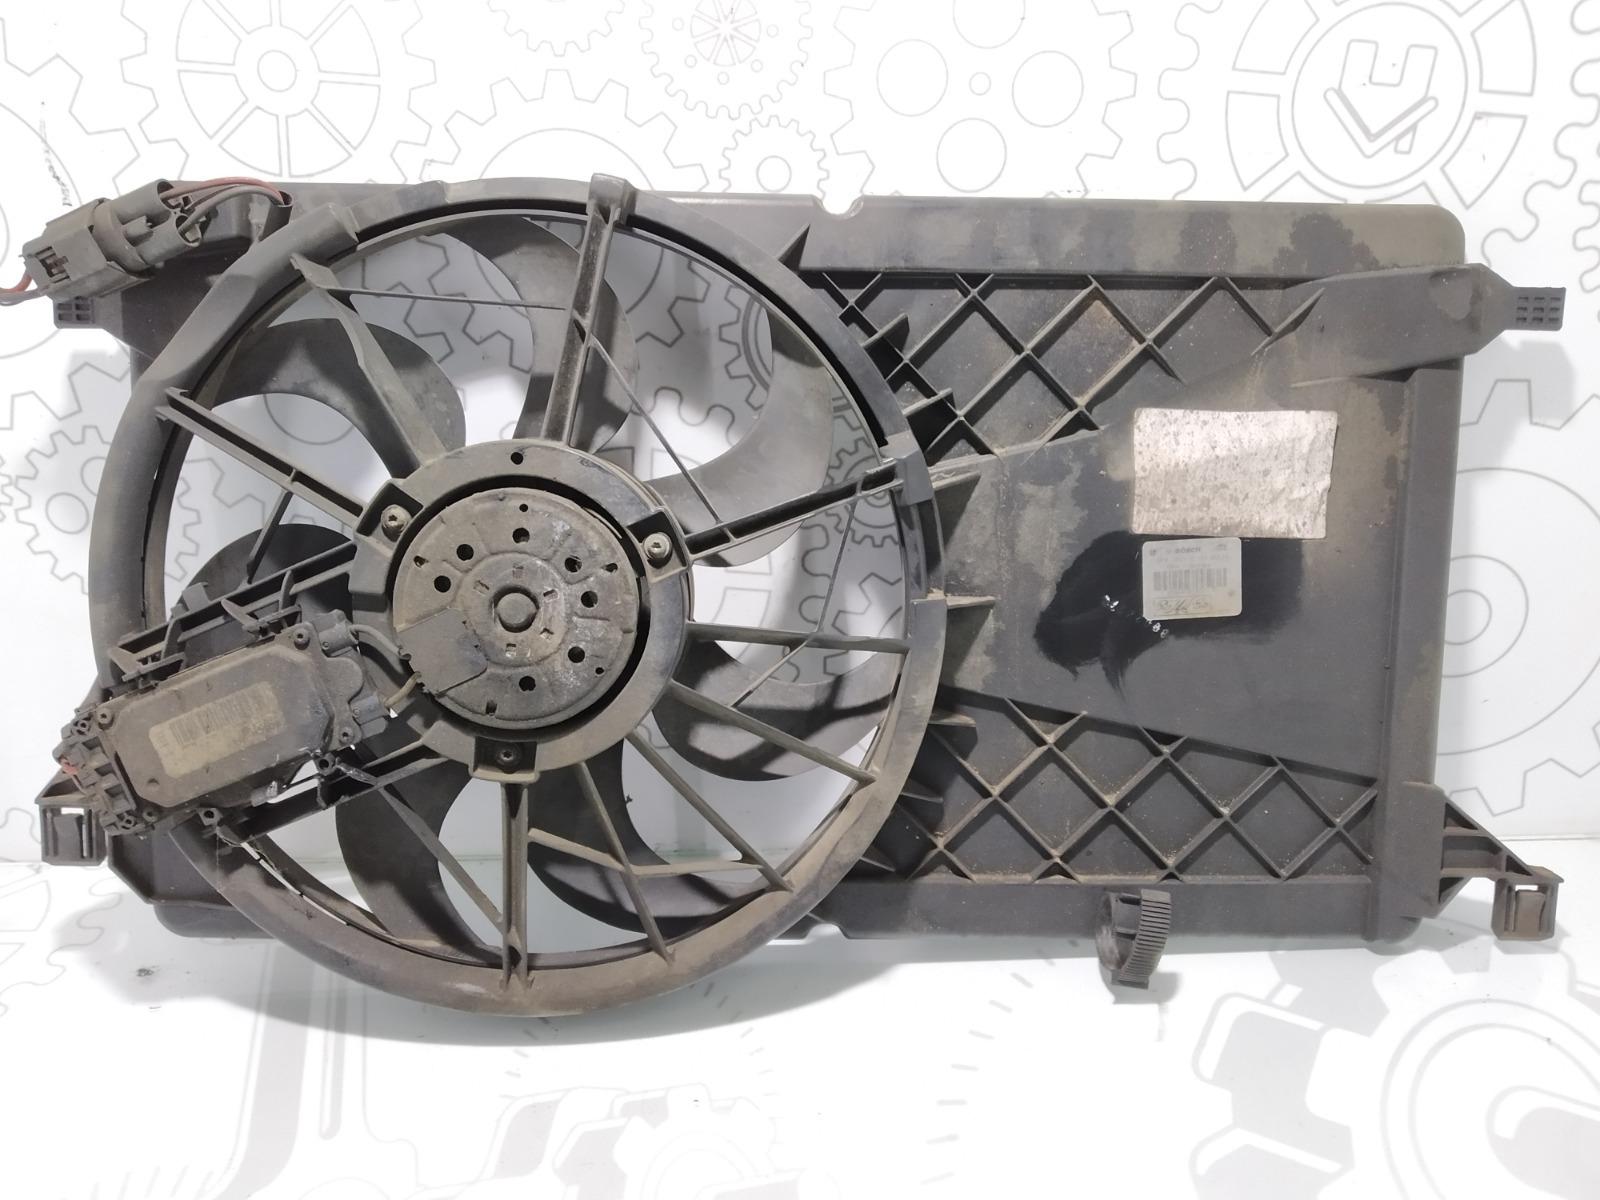 Вентилятор радиатора Ford Focus 1.8 TDCI 2009 (б/у)